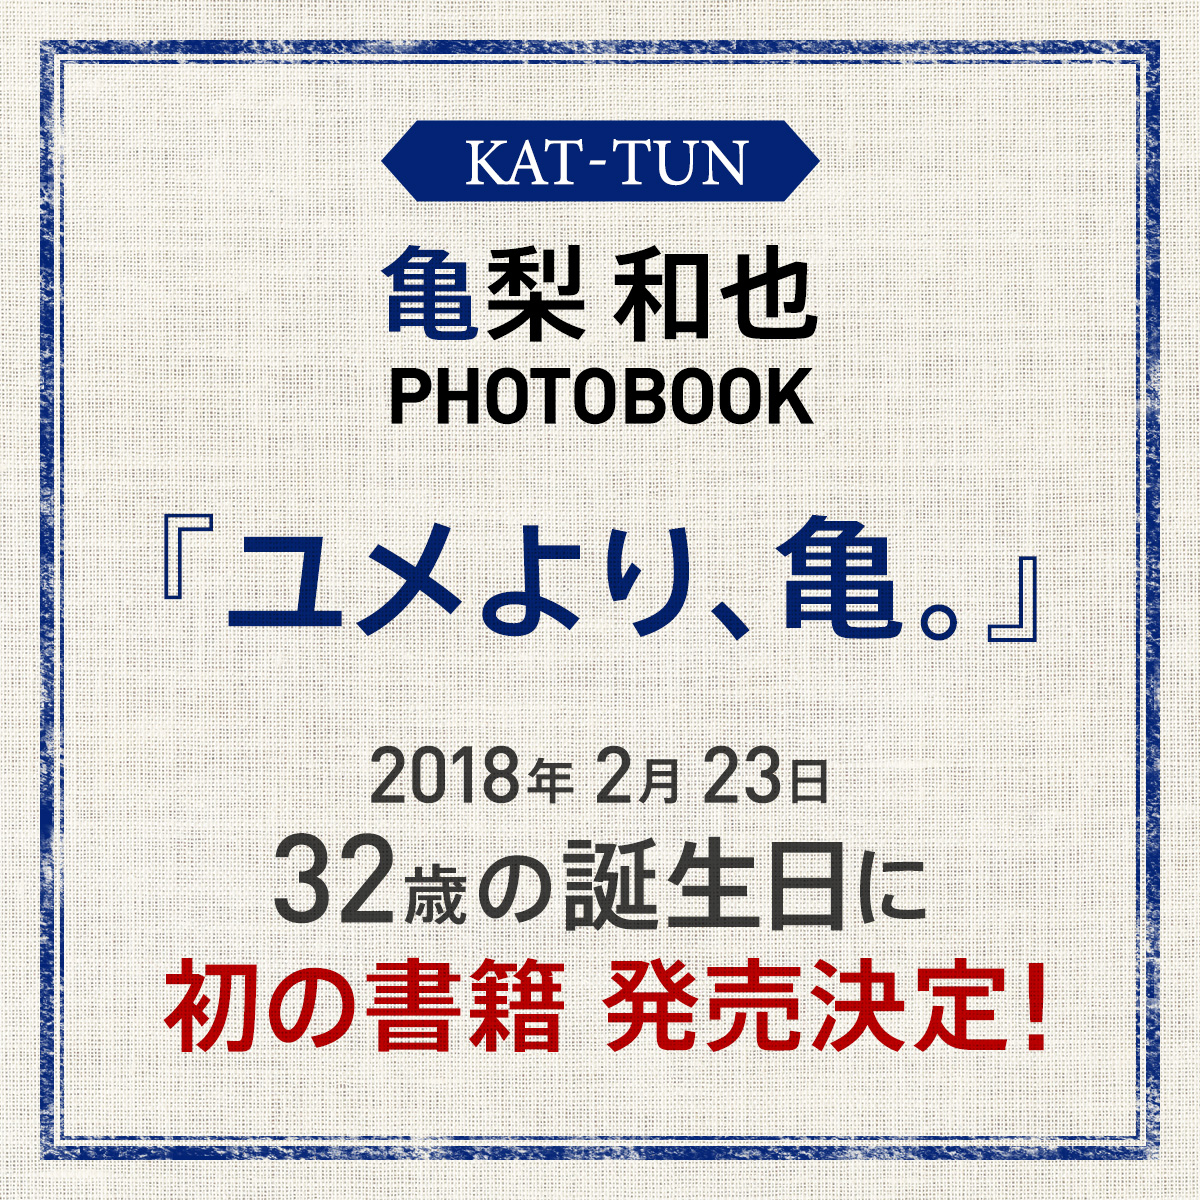 亀梨和也PHOTOBOOK『ユメより、亀。』 2018年2月23日自身の誕生日に発売決定!【予約受付中】